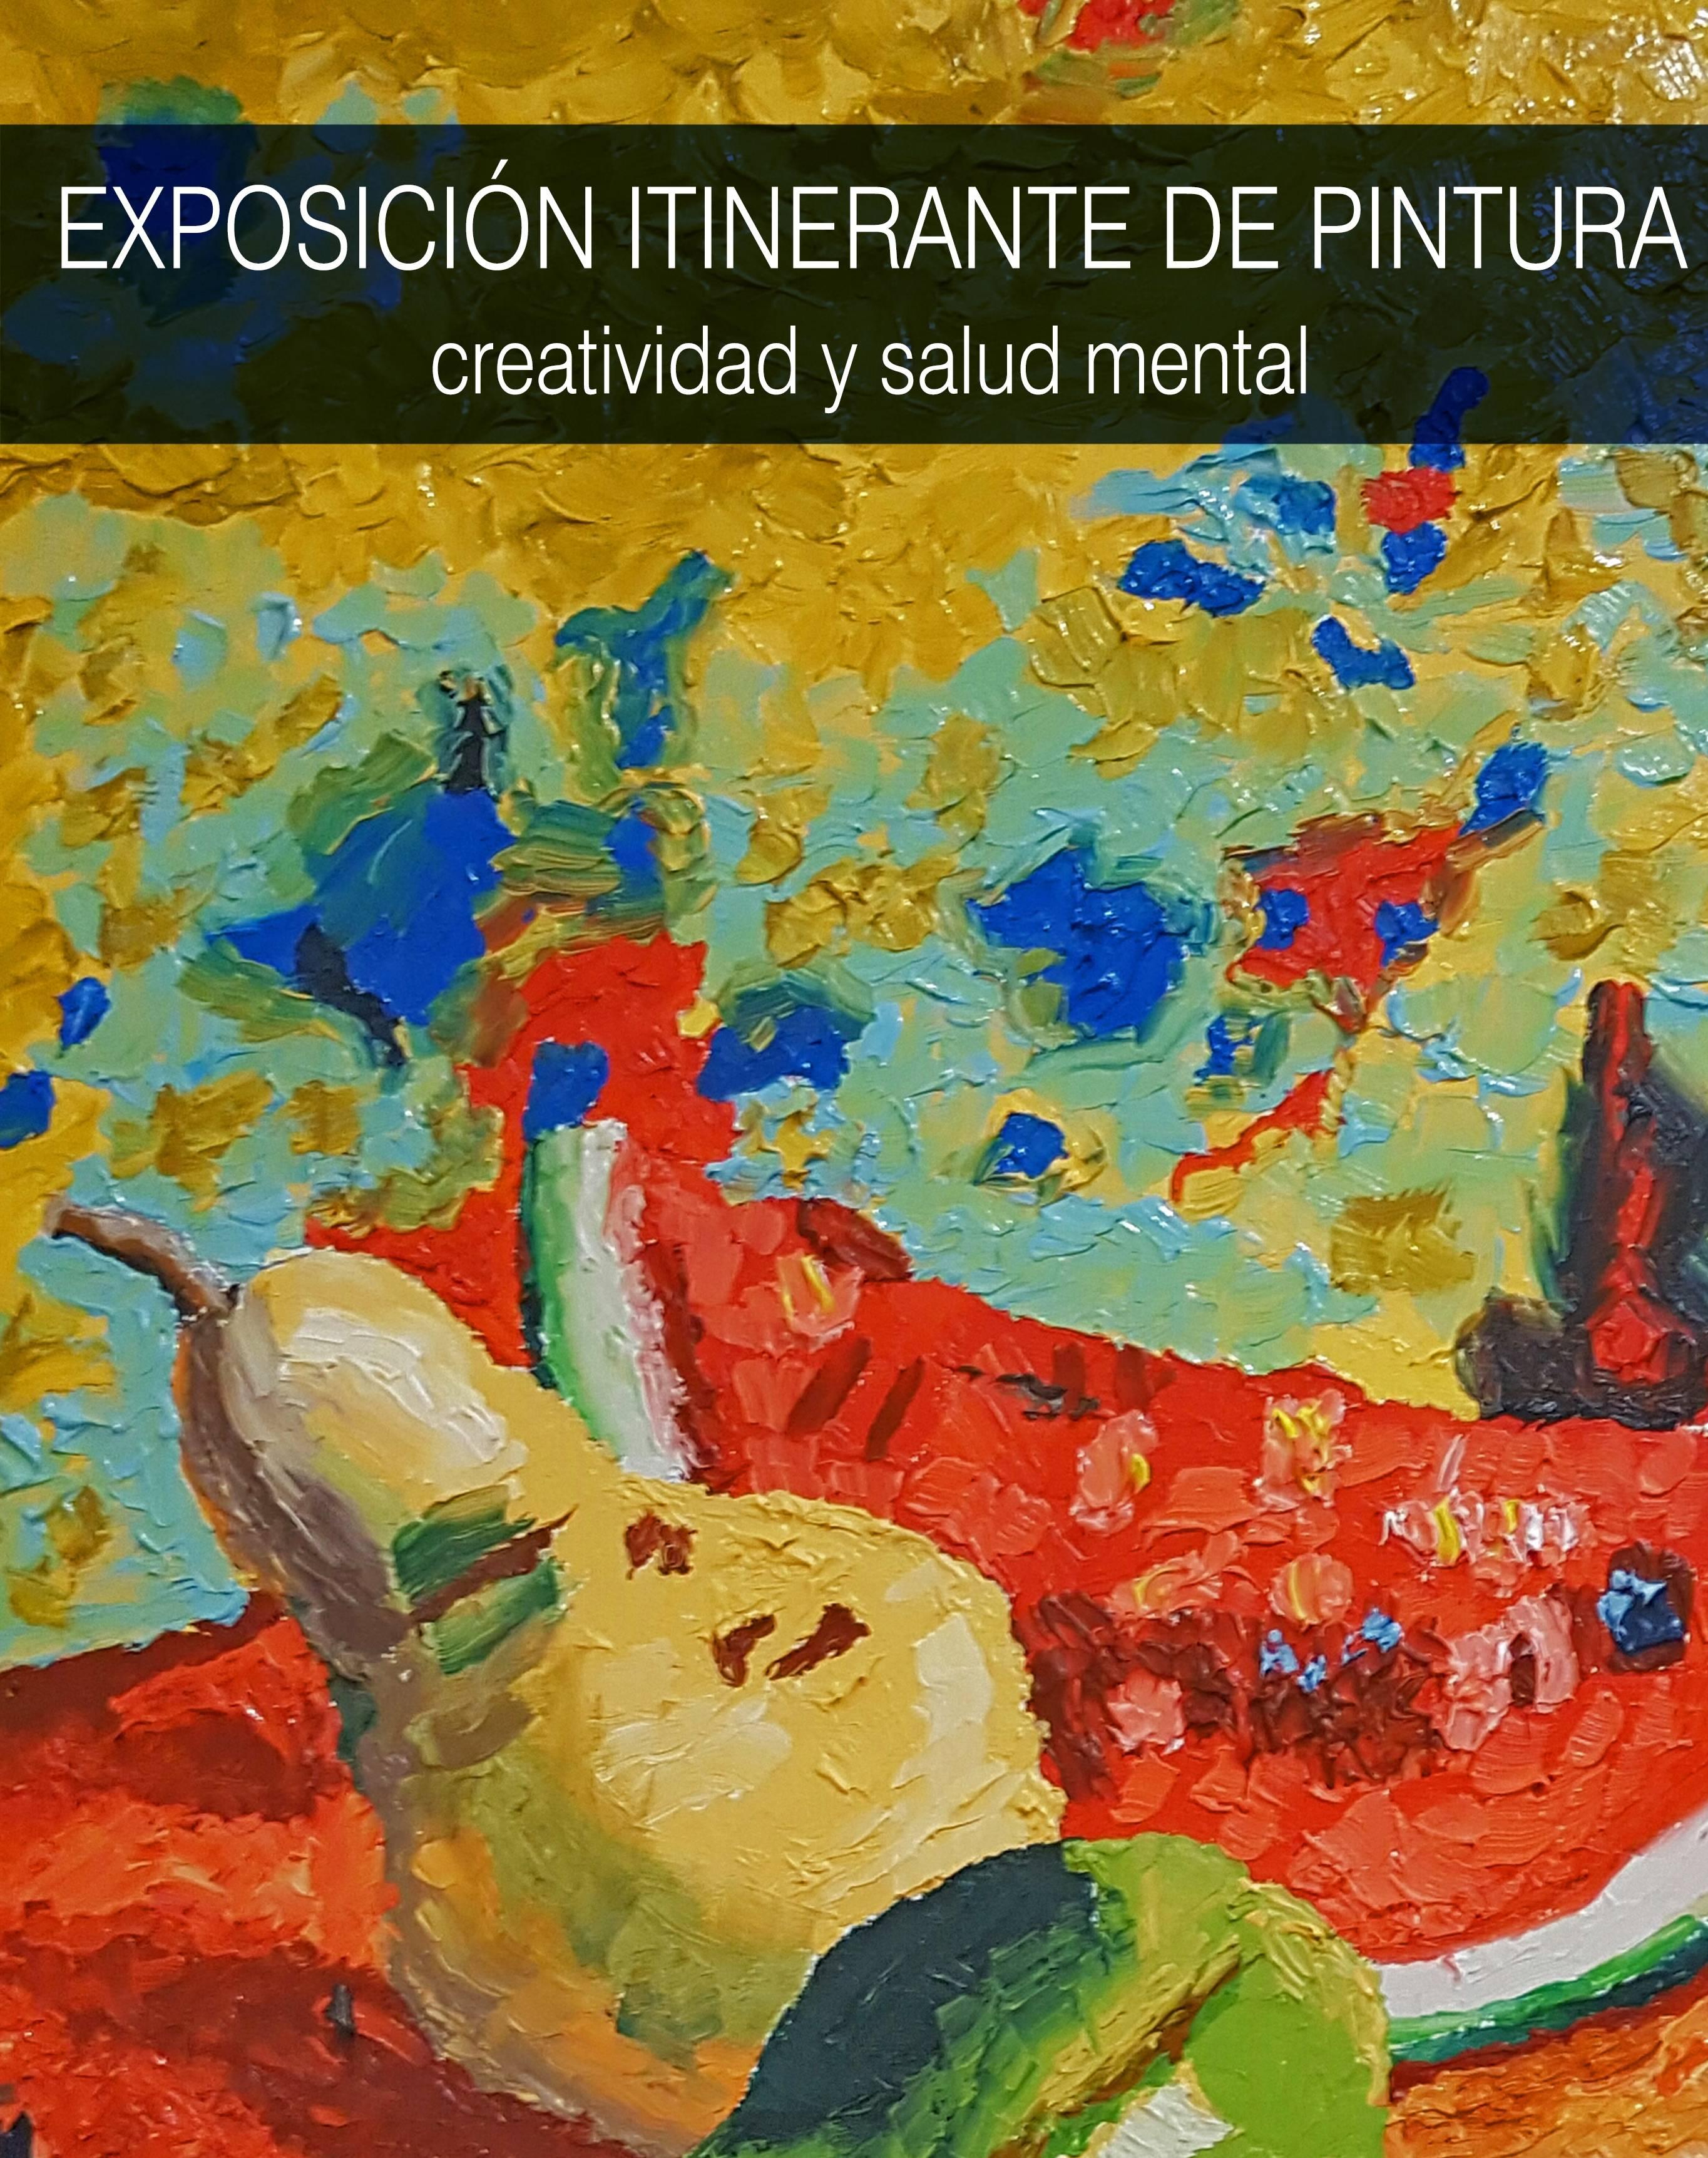 cartelexpo2017 - La Exposición Itinerante de Pintura llega a Herencia